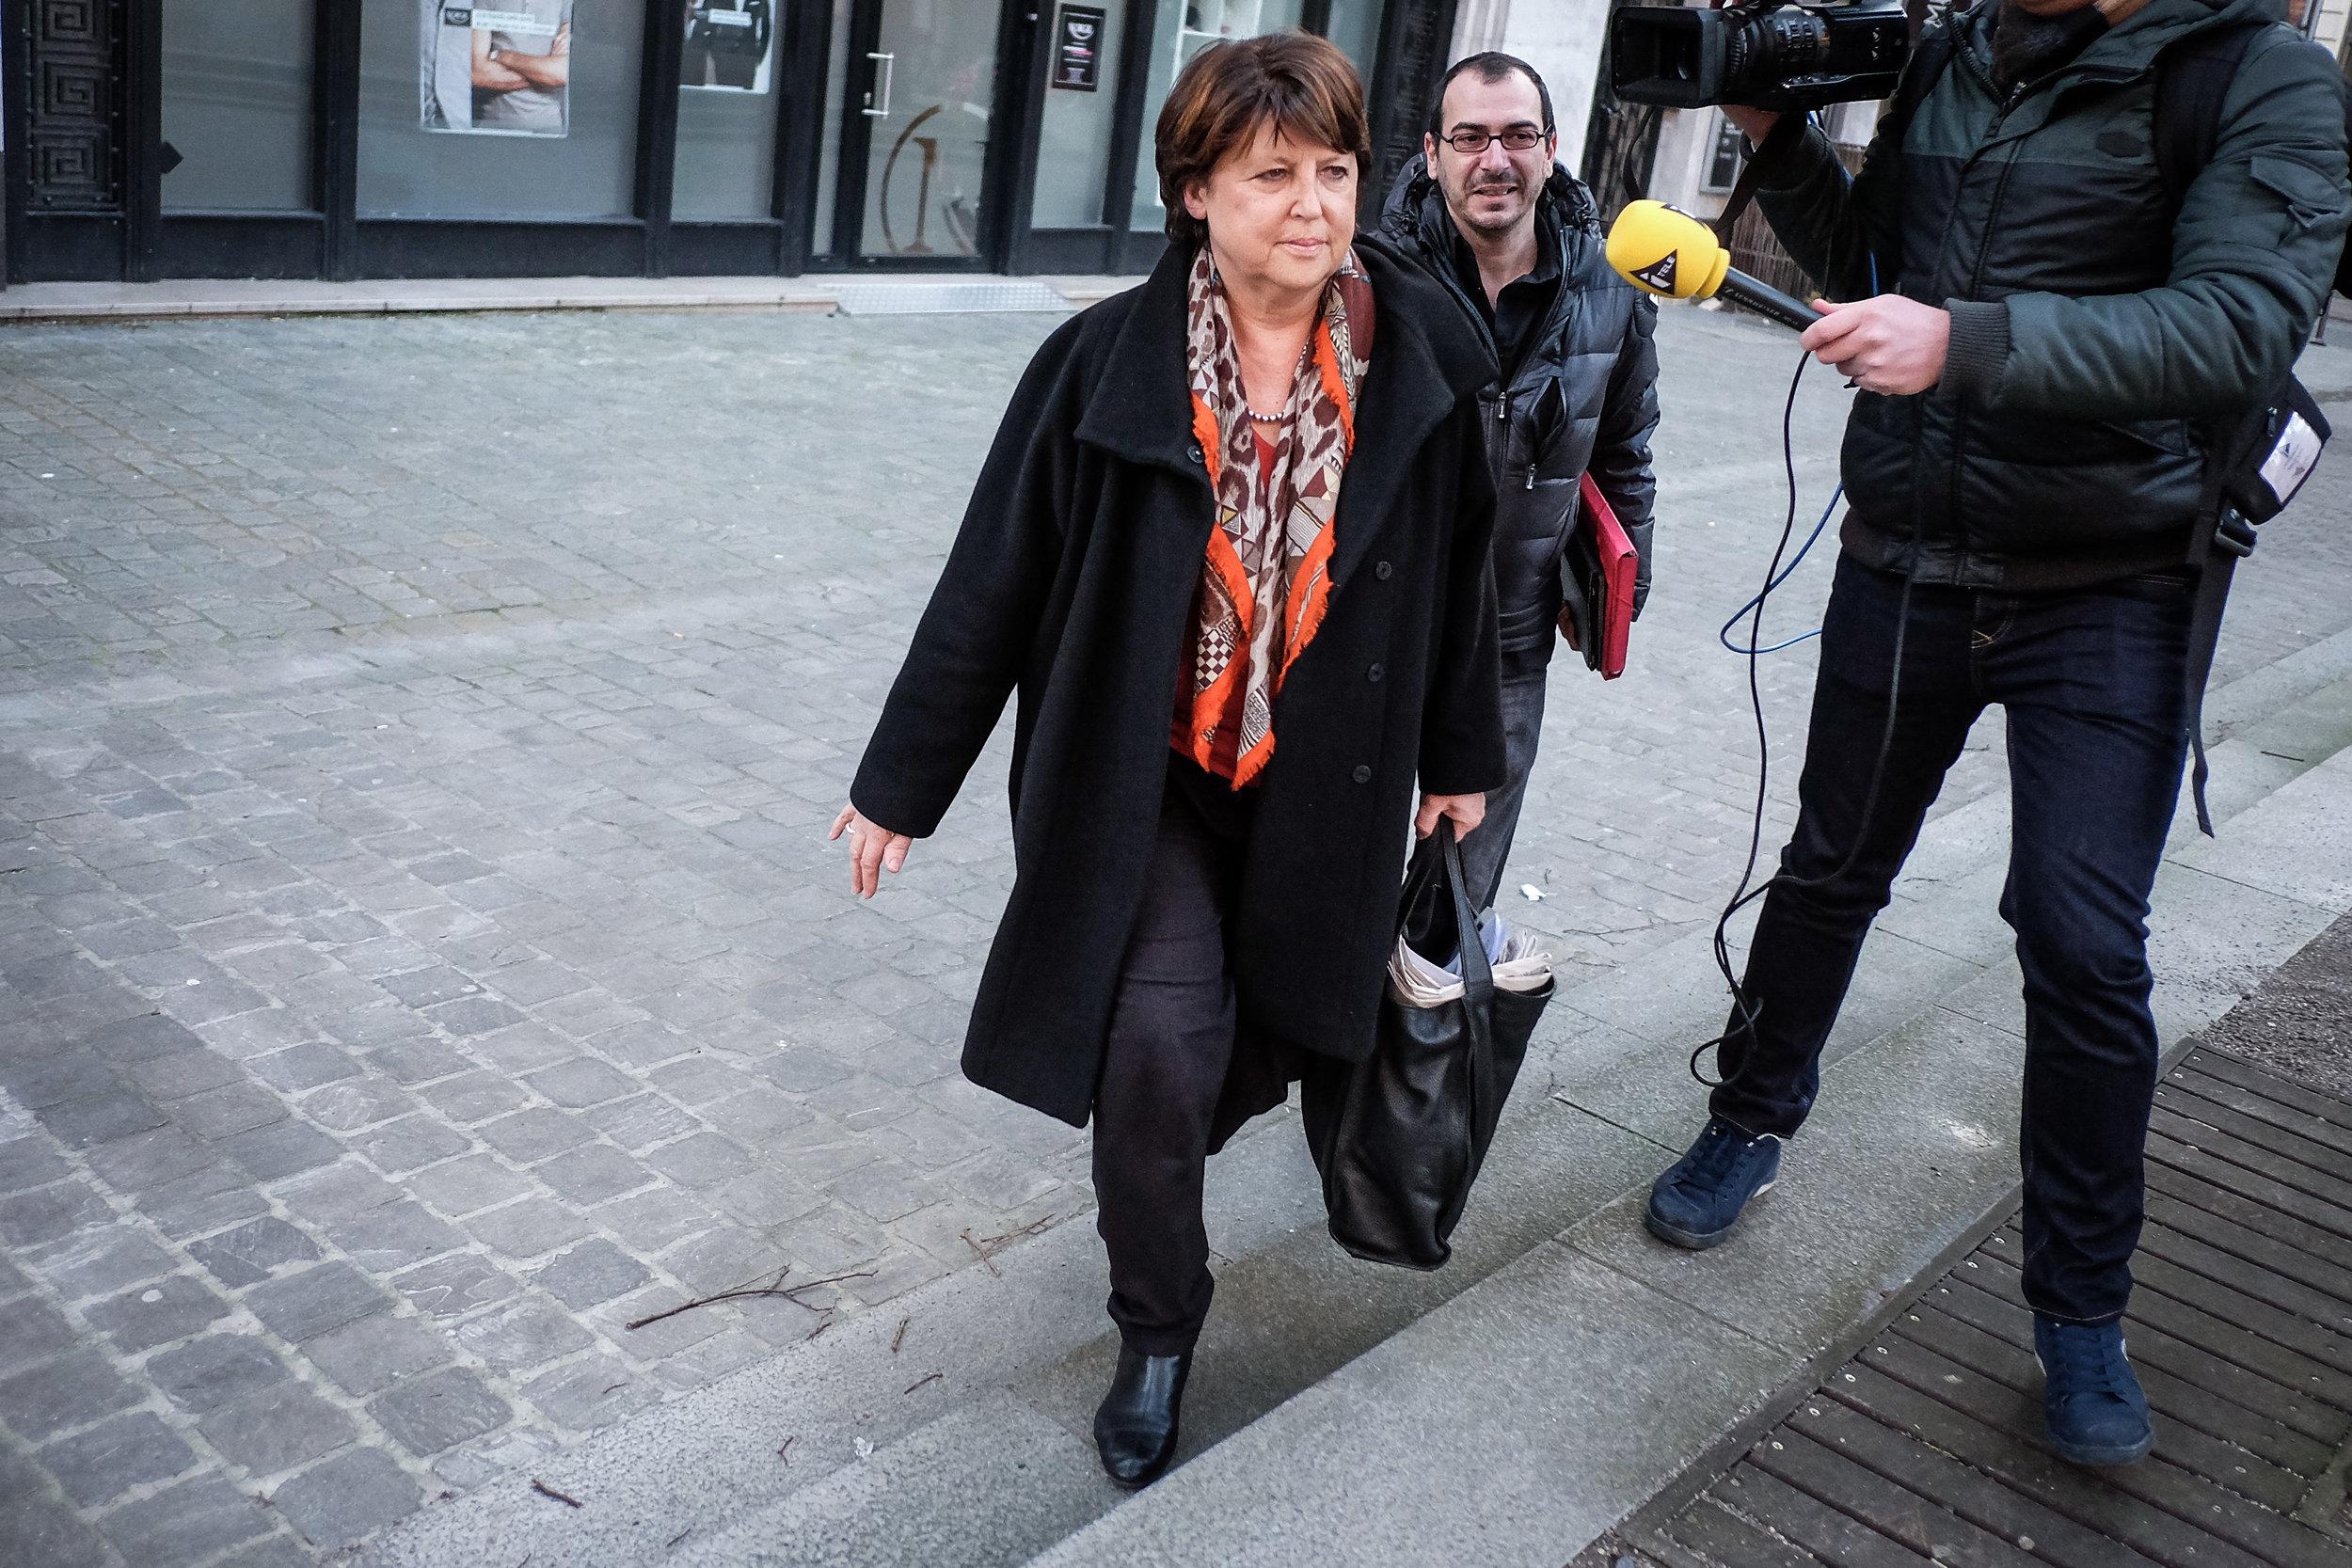 Martine Aubry sort de studios d'RTL à Lille, en février 2016, au lendemain d'une tribune qu'elle a signé dans Le Monde, où elle critique la politique de Manuel Valls, alors premier ministre. Publié dans Le Monde